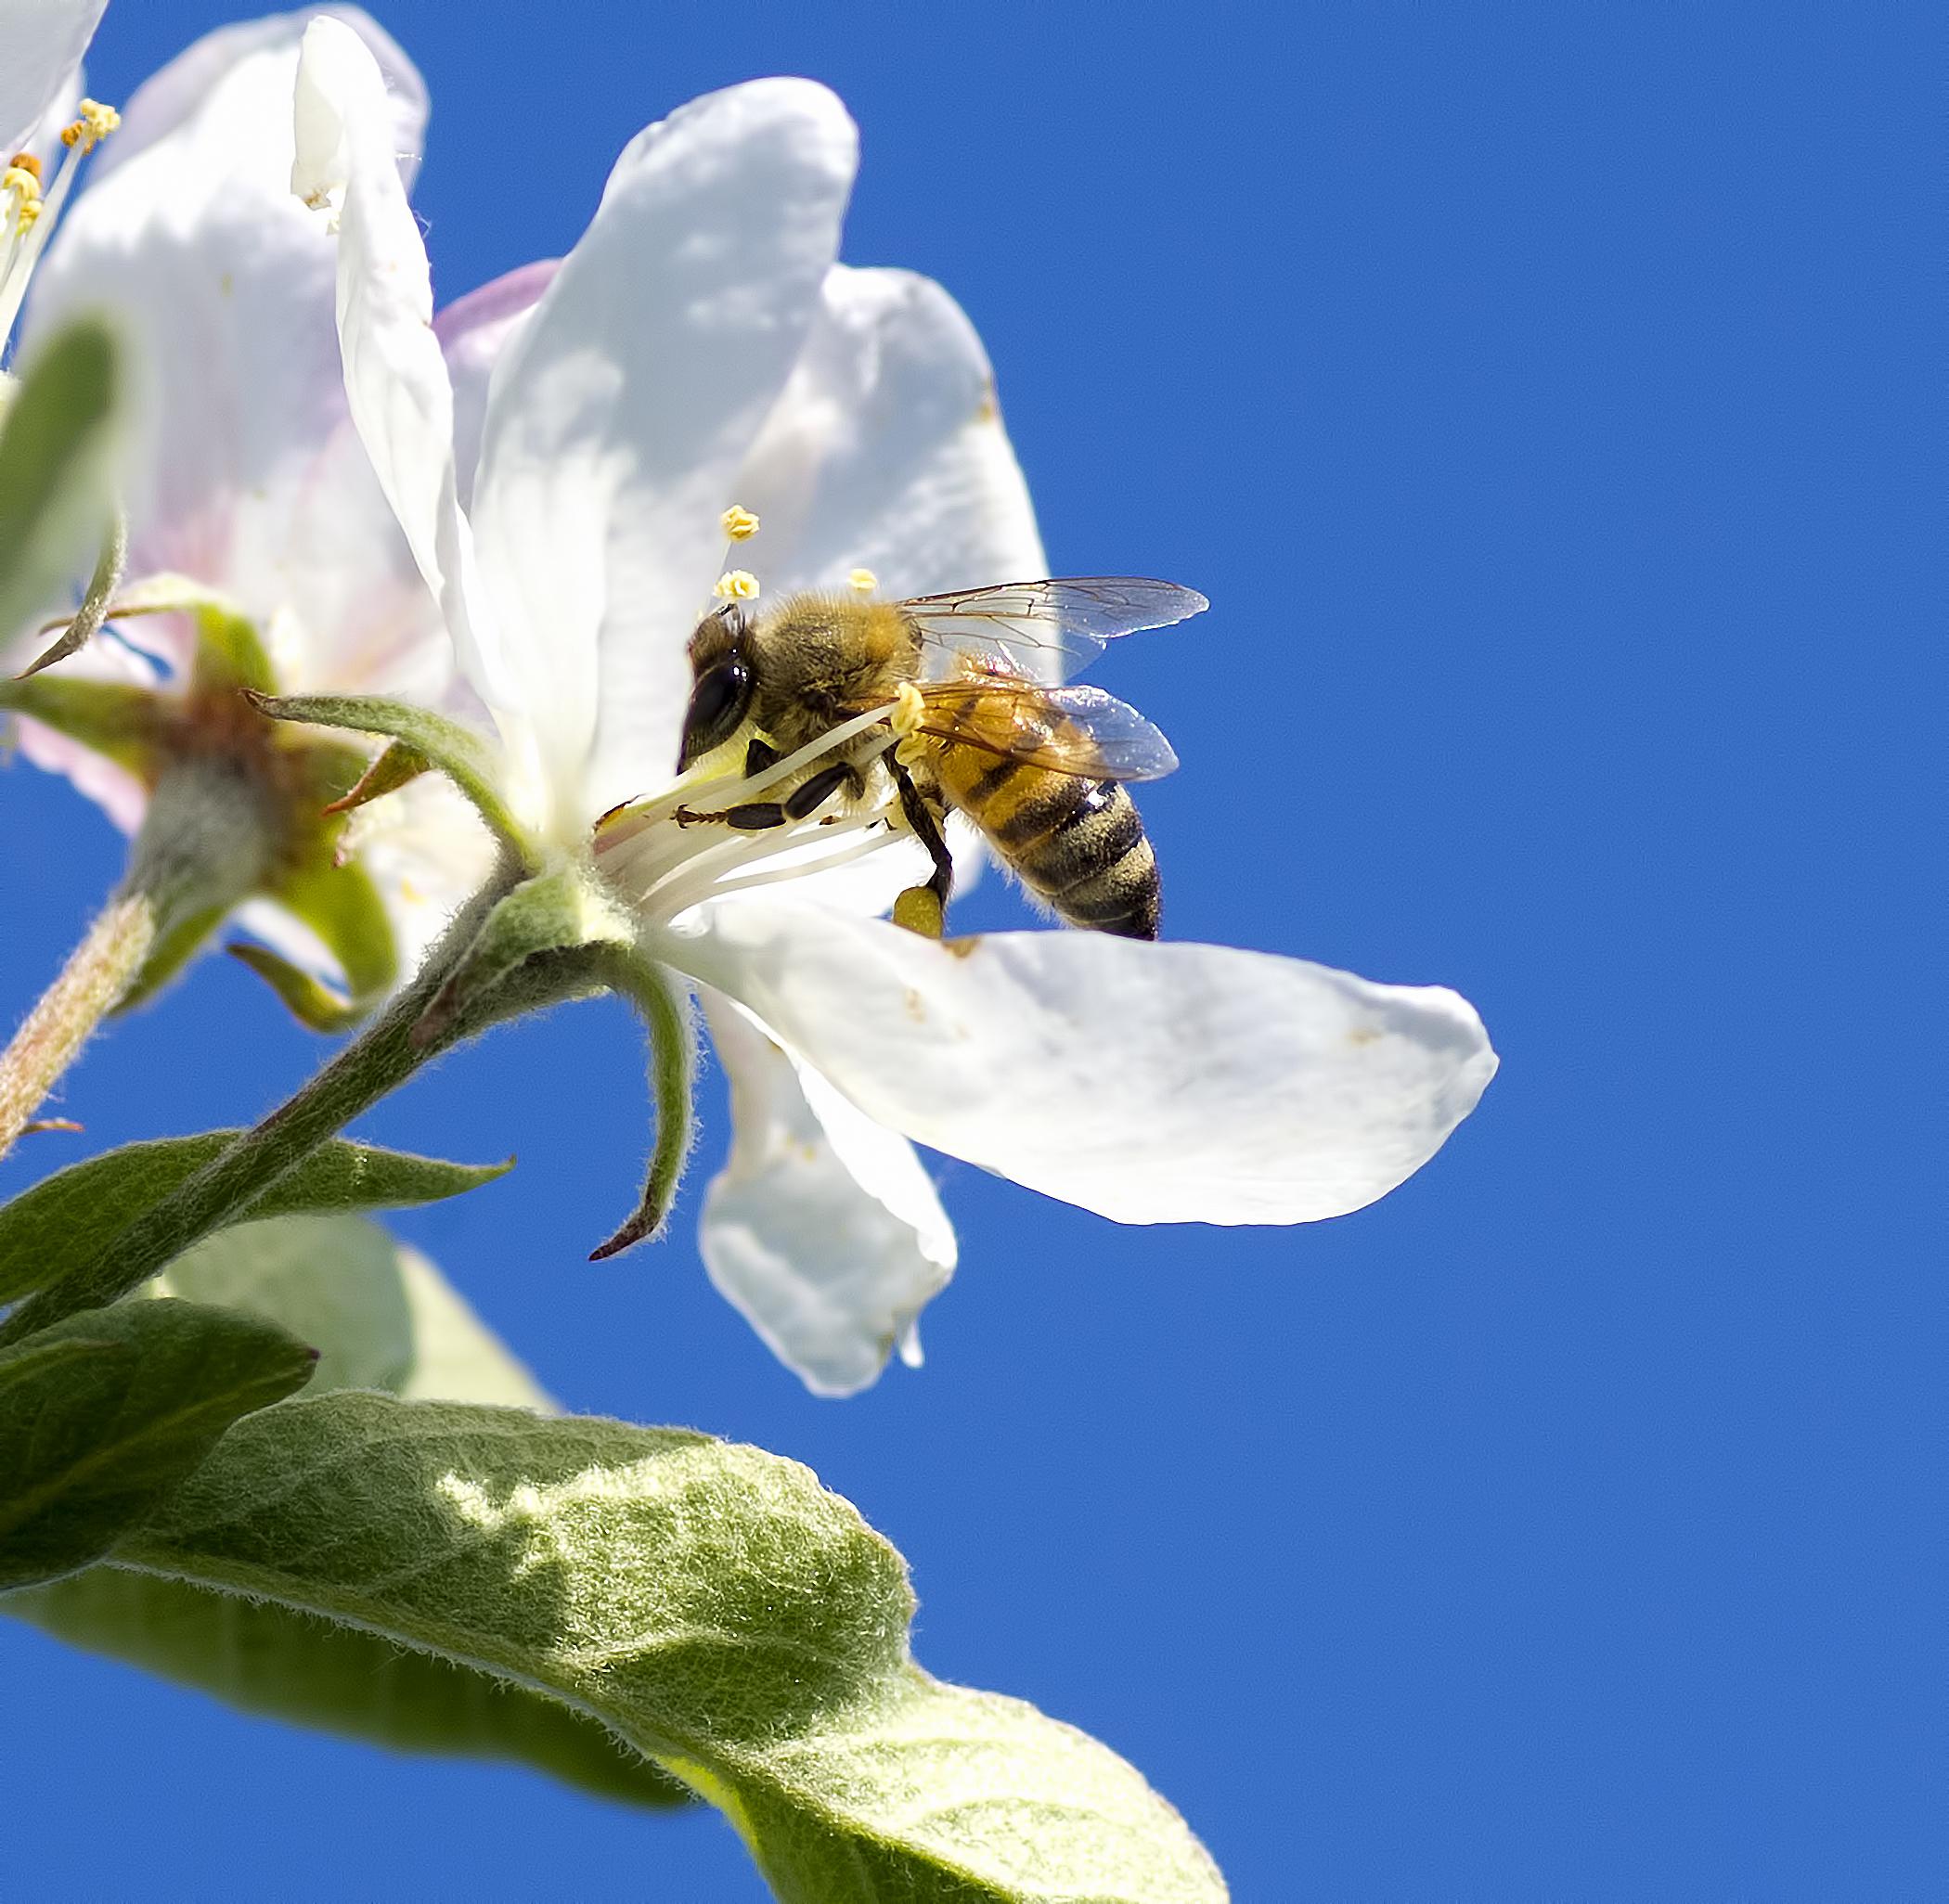 L'ape Maia! di manolina